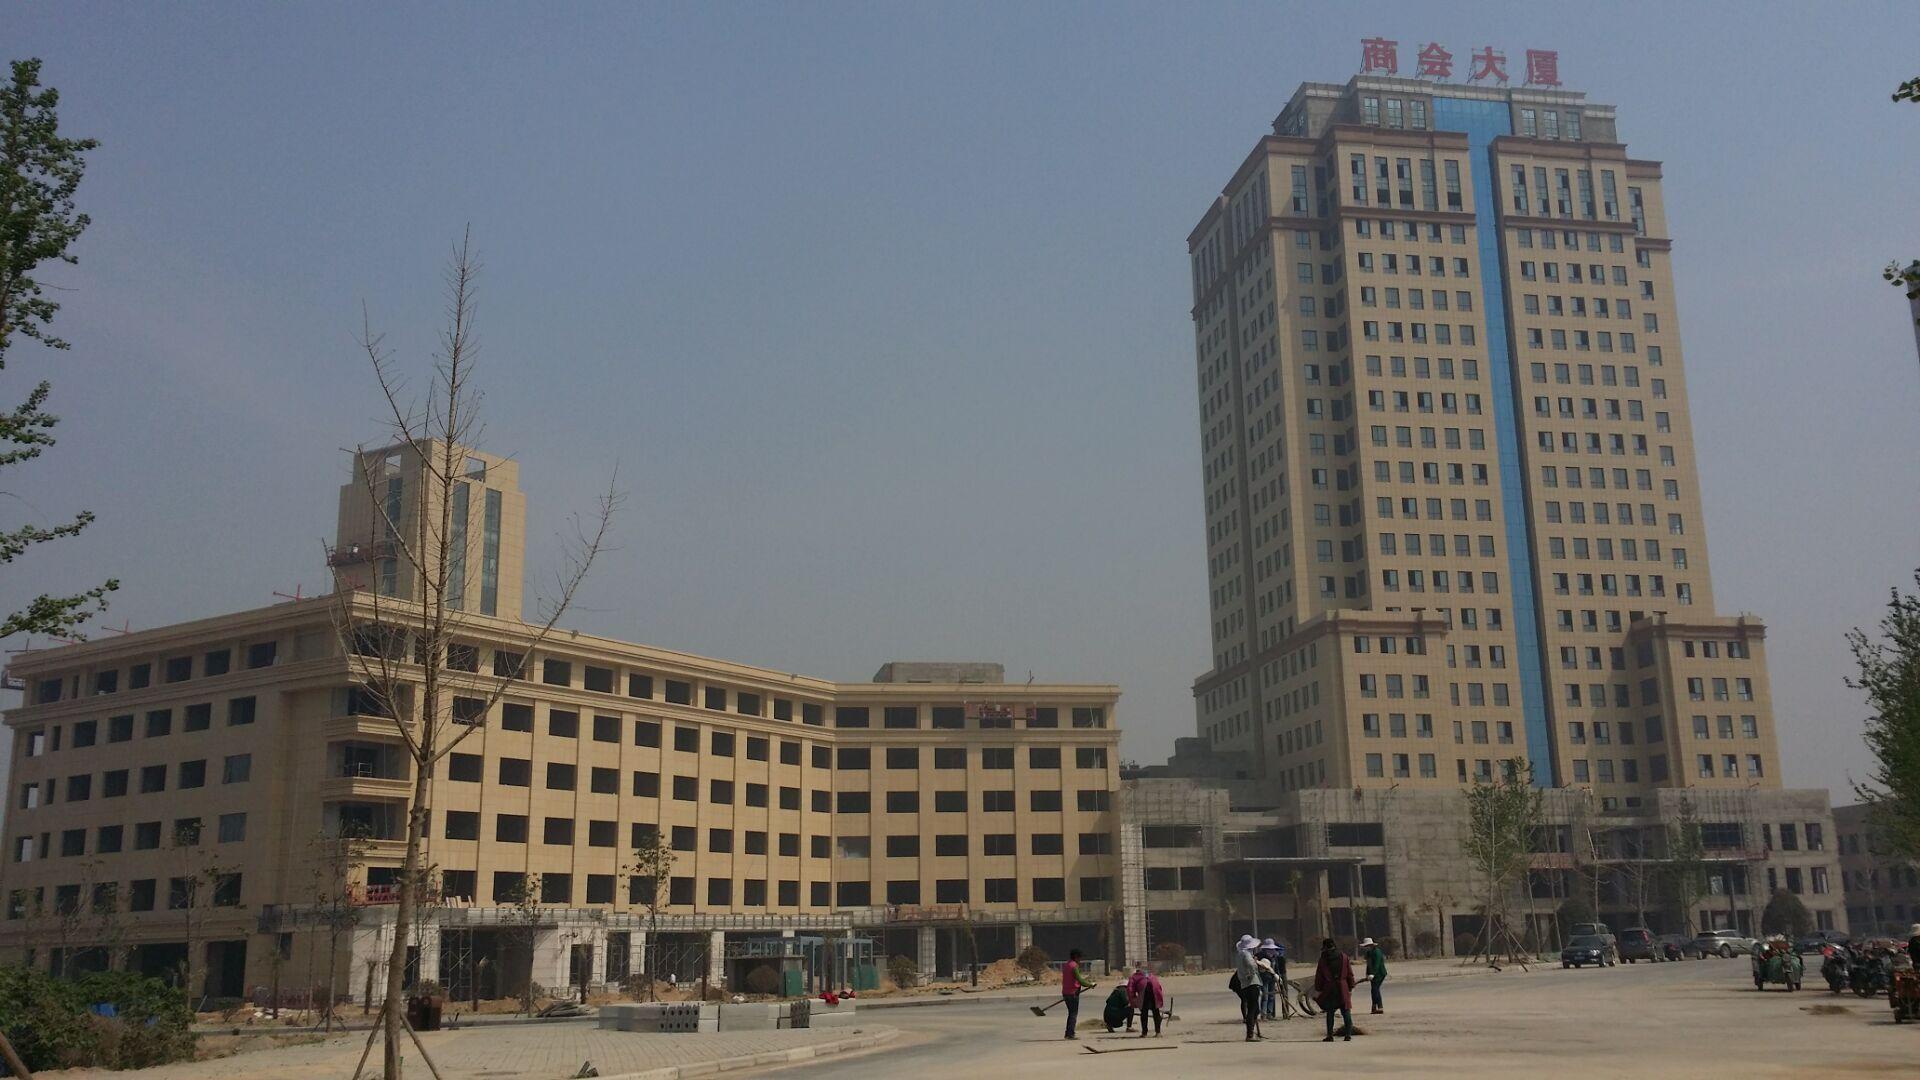 huan亚ag88注册huan亚ag88注册——新郑市商会大厦